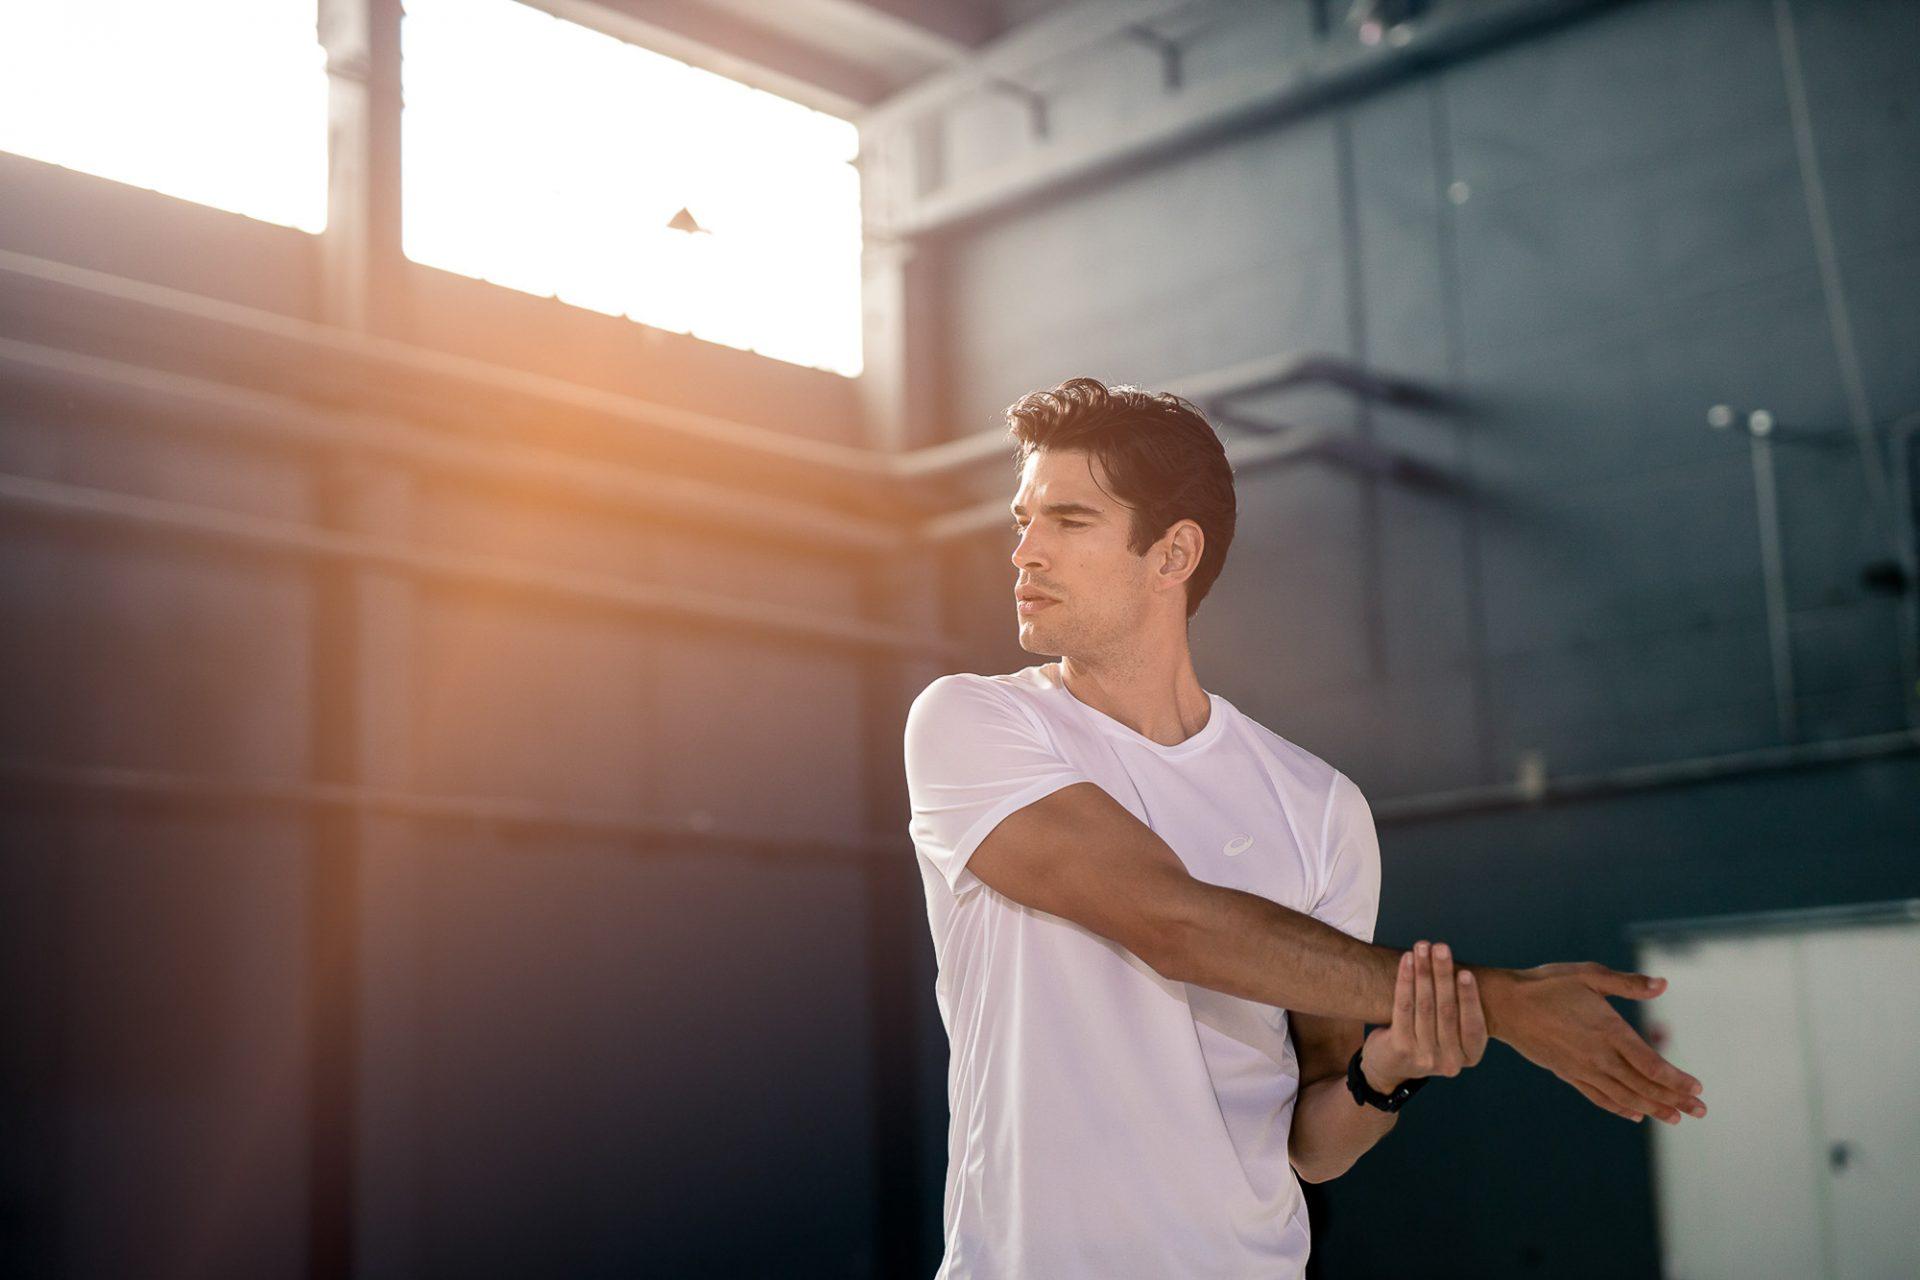 Fotograf für Sport- und Fitness ©Offenblende / Tim